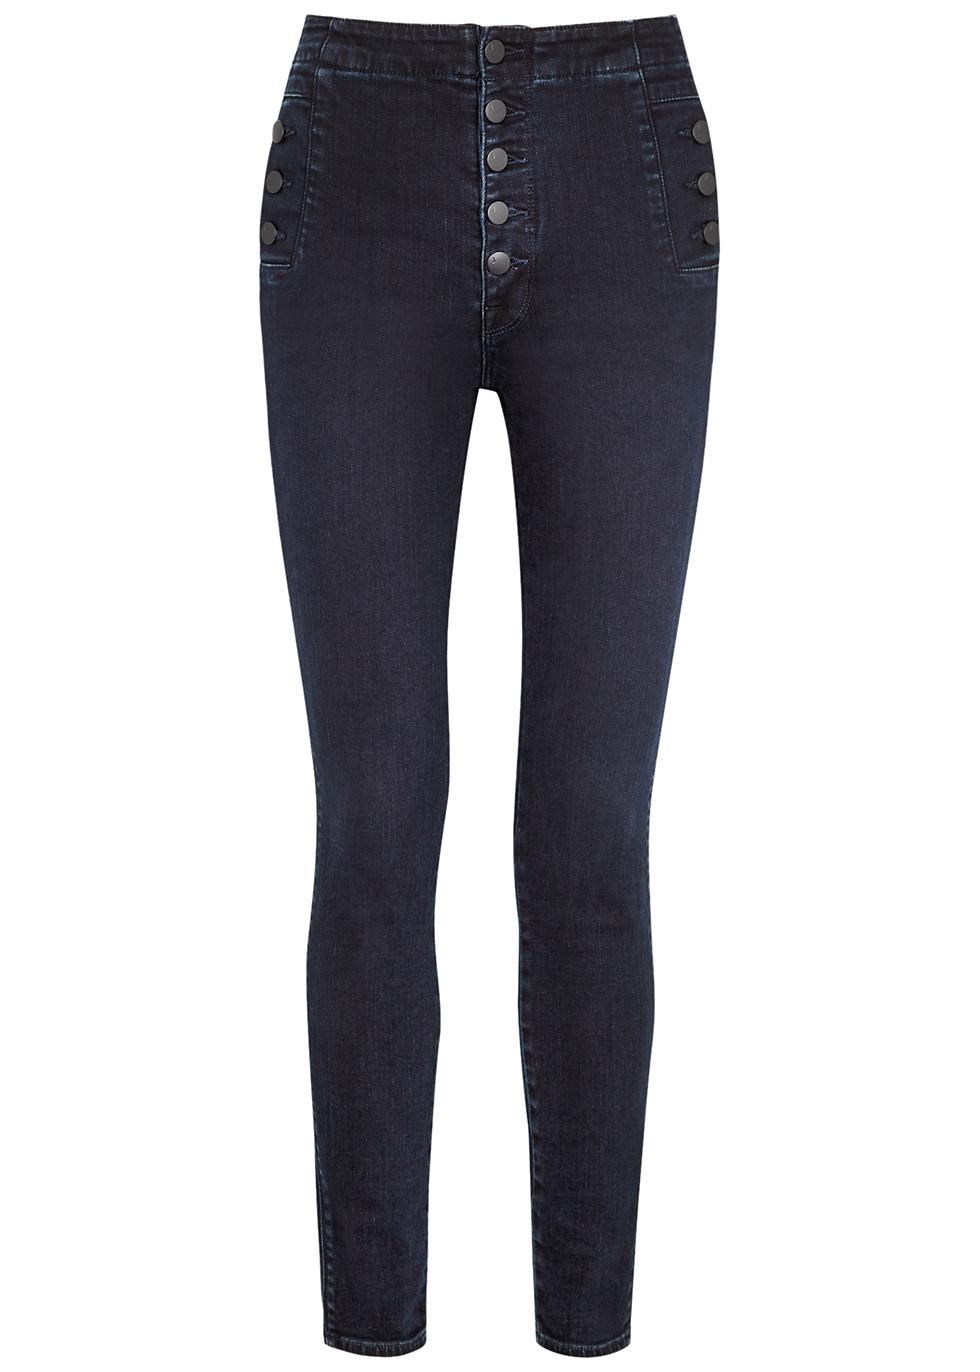 Natasha Sky High indigo skinny jeans